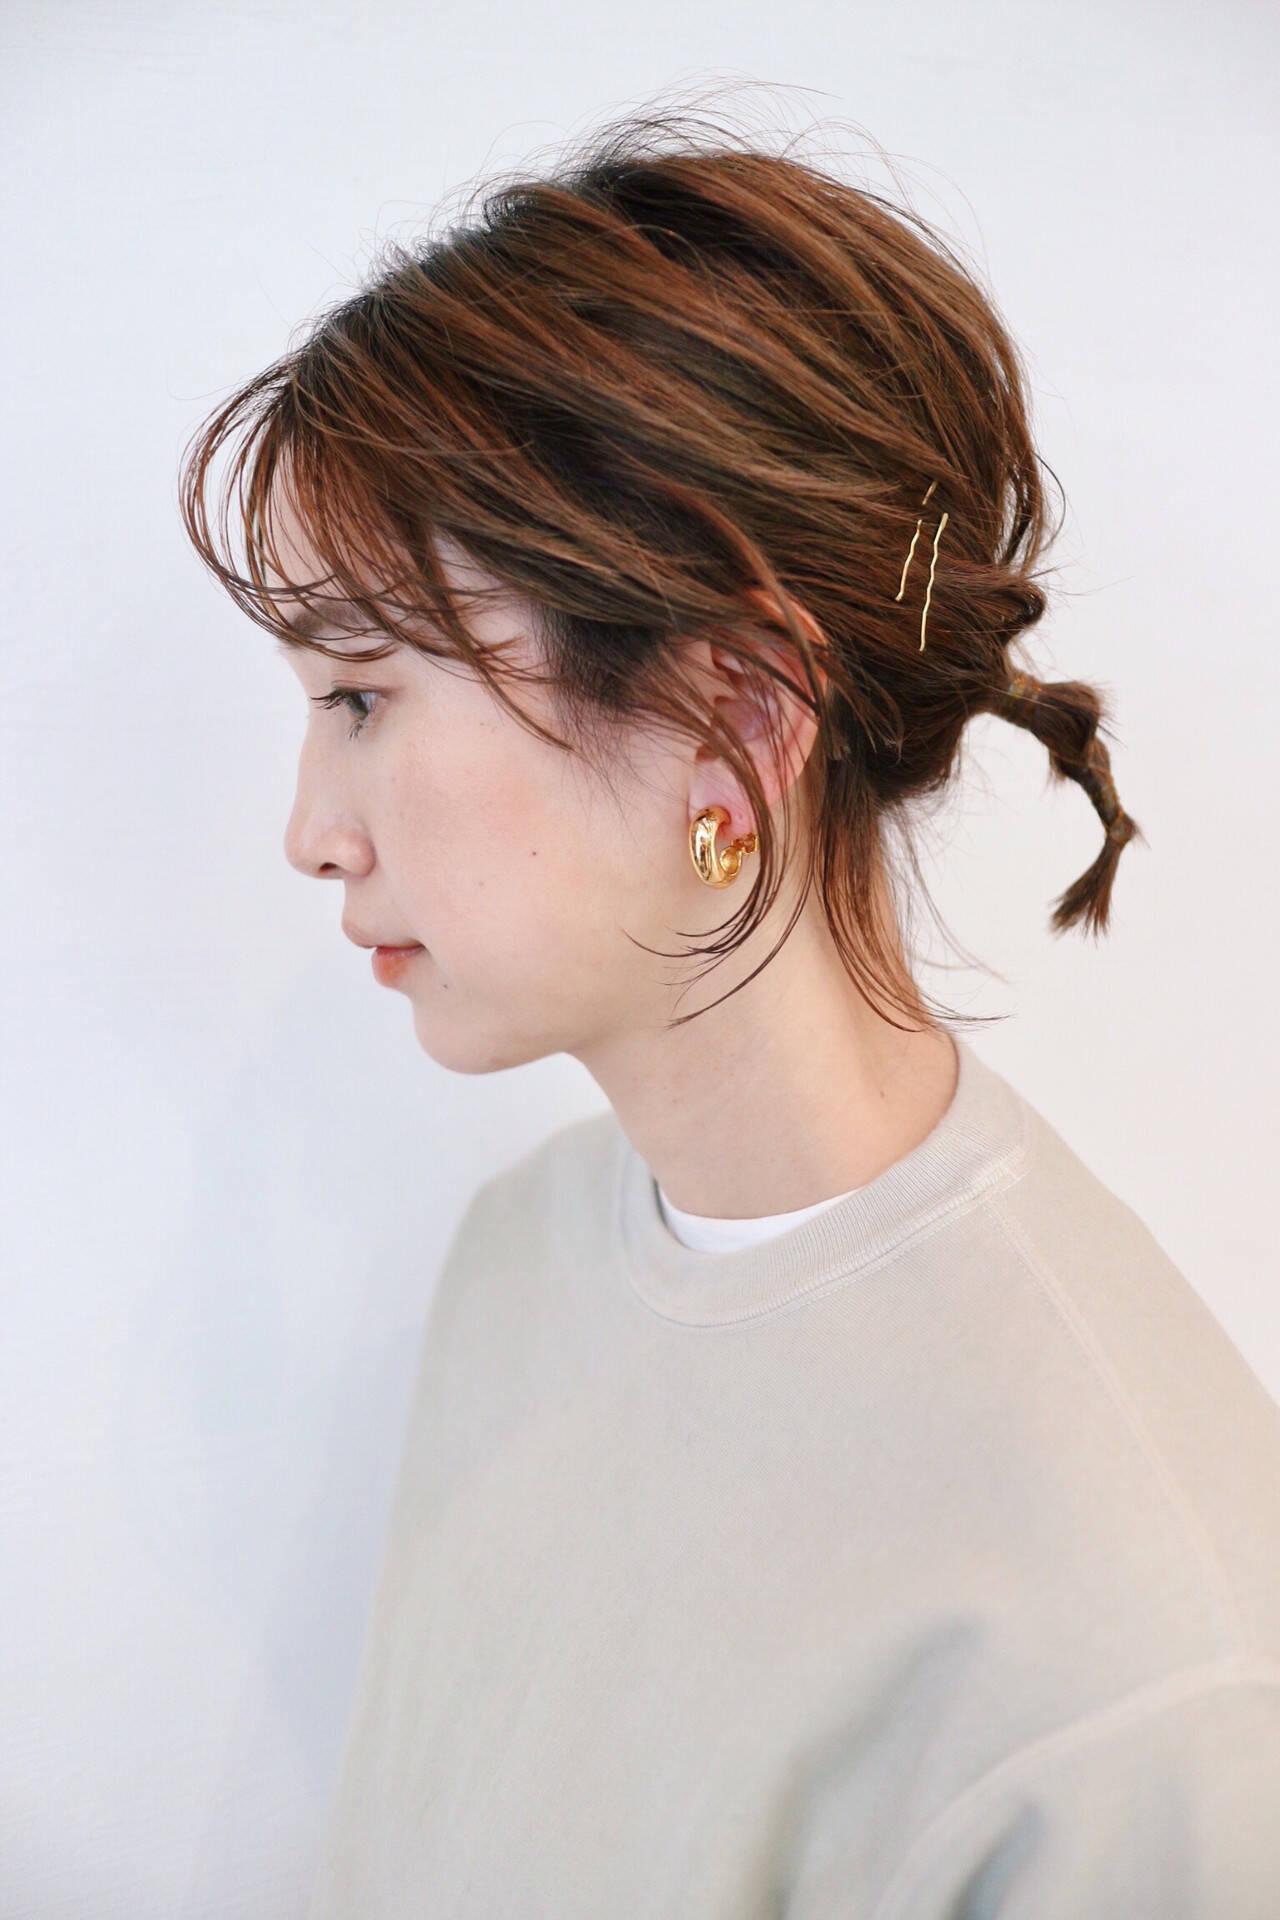 ガーリー ヘアアレンジ グラデーションカラー セルフヘアアレンジヘアスタイルや髪型の写真・画像